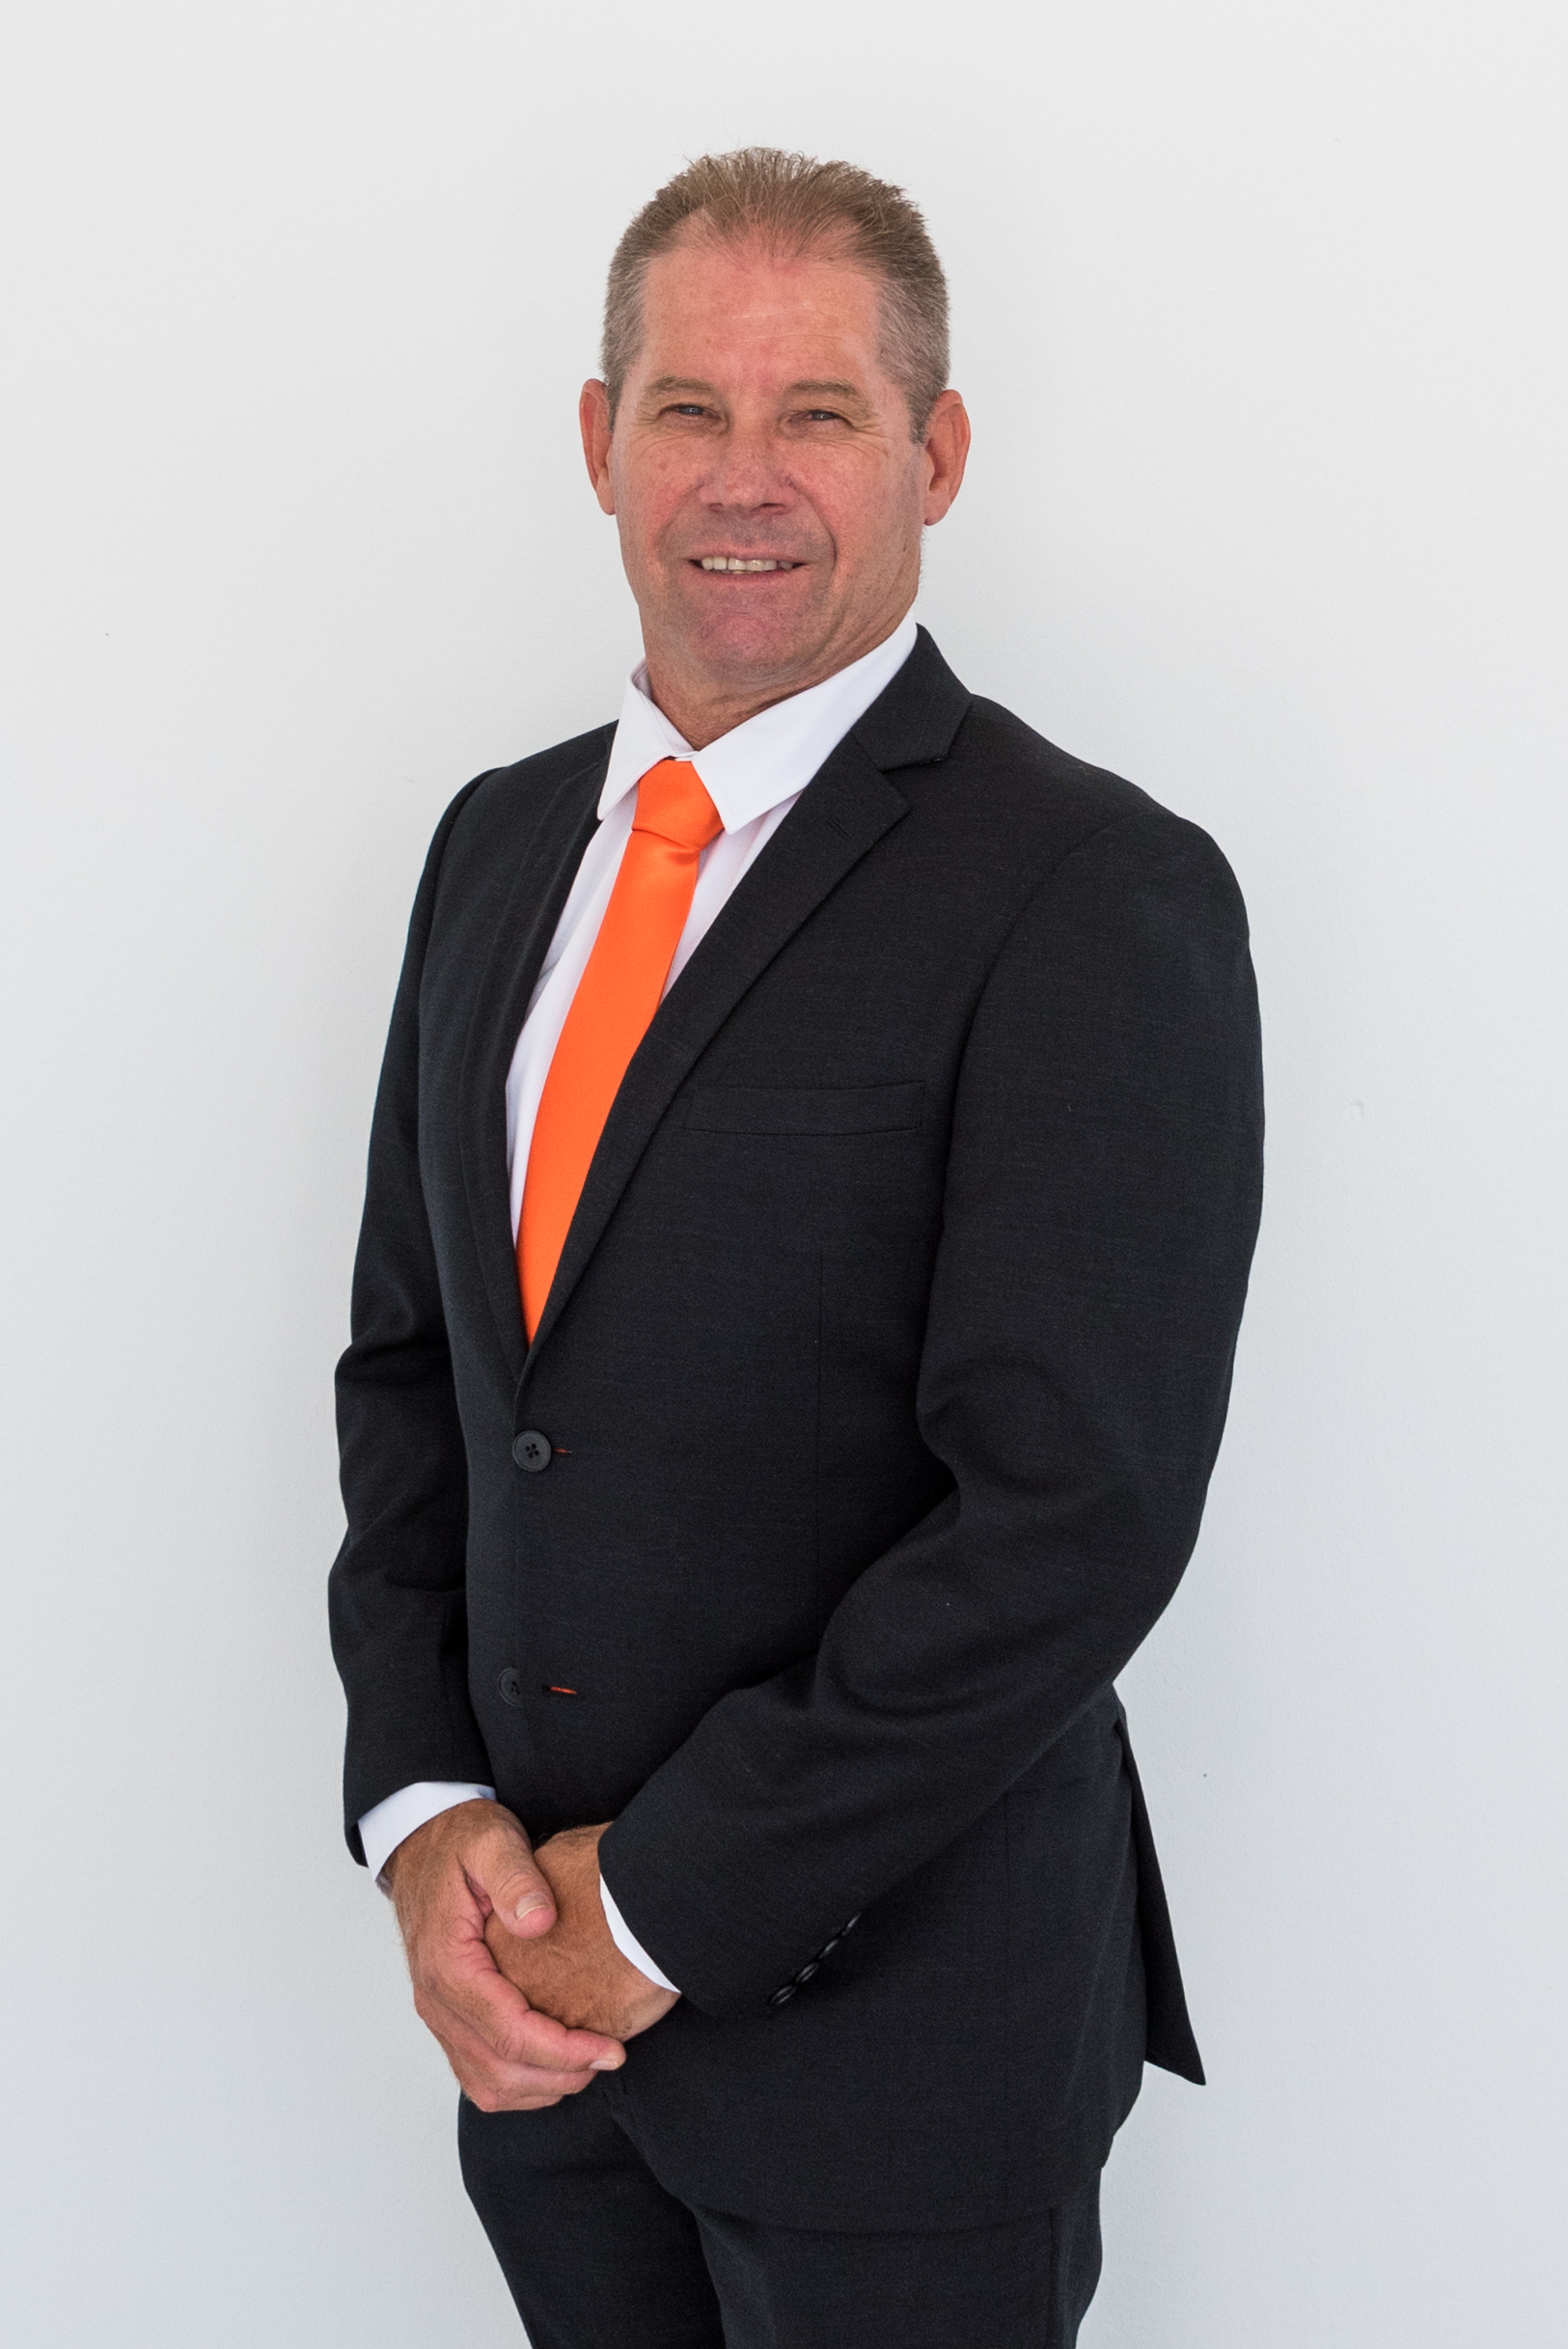 Steve Macgregor